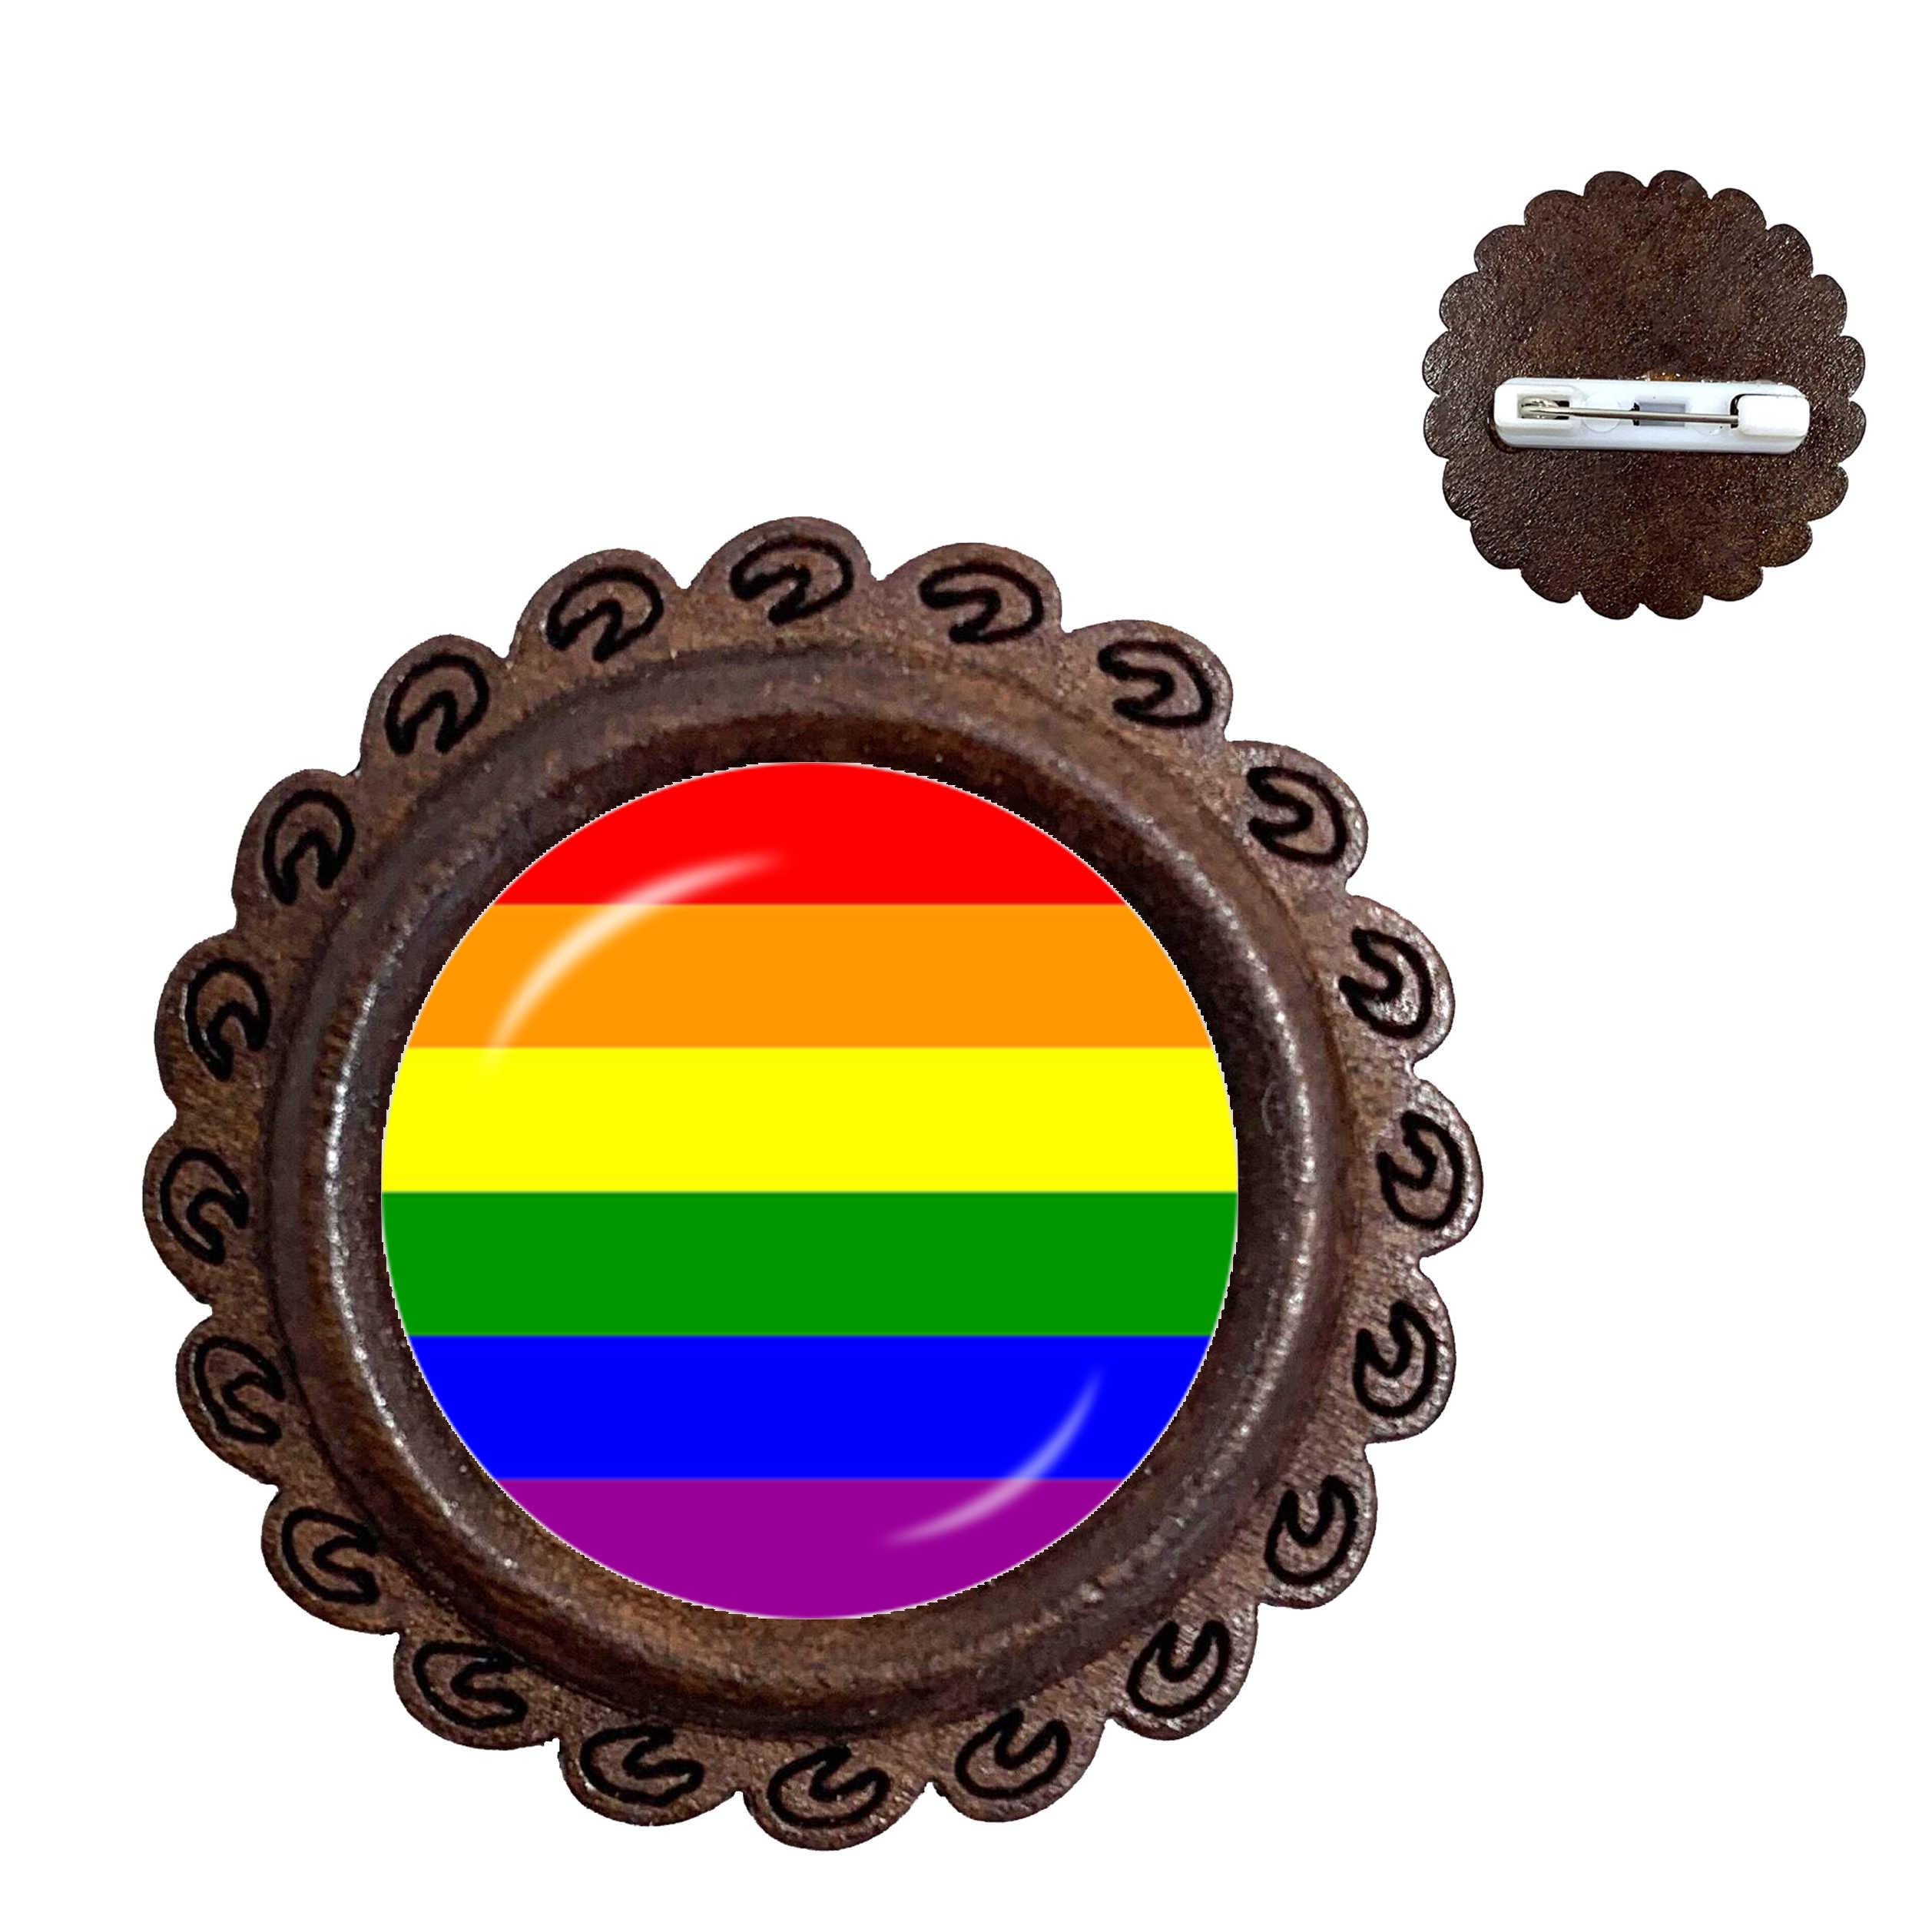 Gay Pride Broches Pins Dezelfde Sex Lgbt Sieraden Homo Lesbische Trots Met Regenboog Liefde Wint Gift Hetzelfde Sex Huwelijk Kraag pins